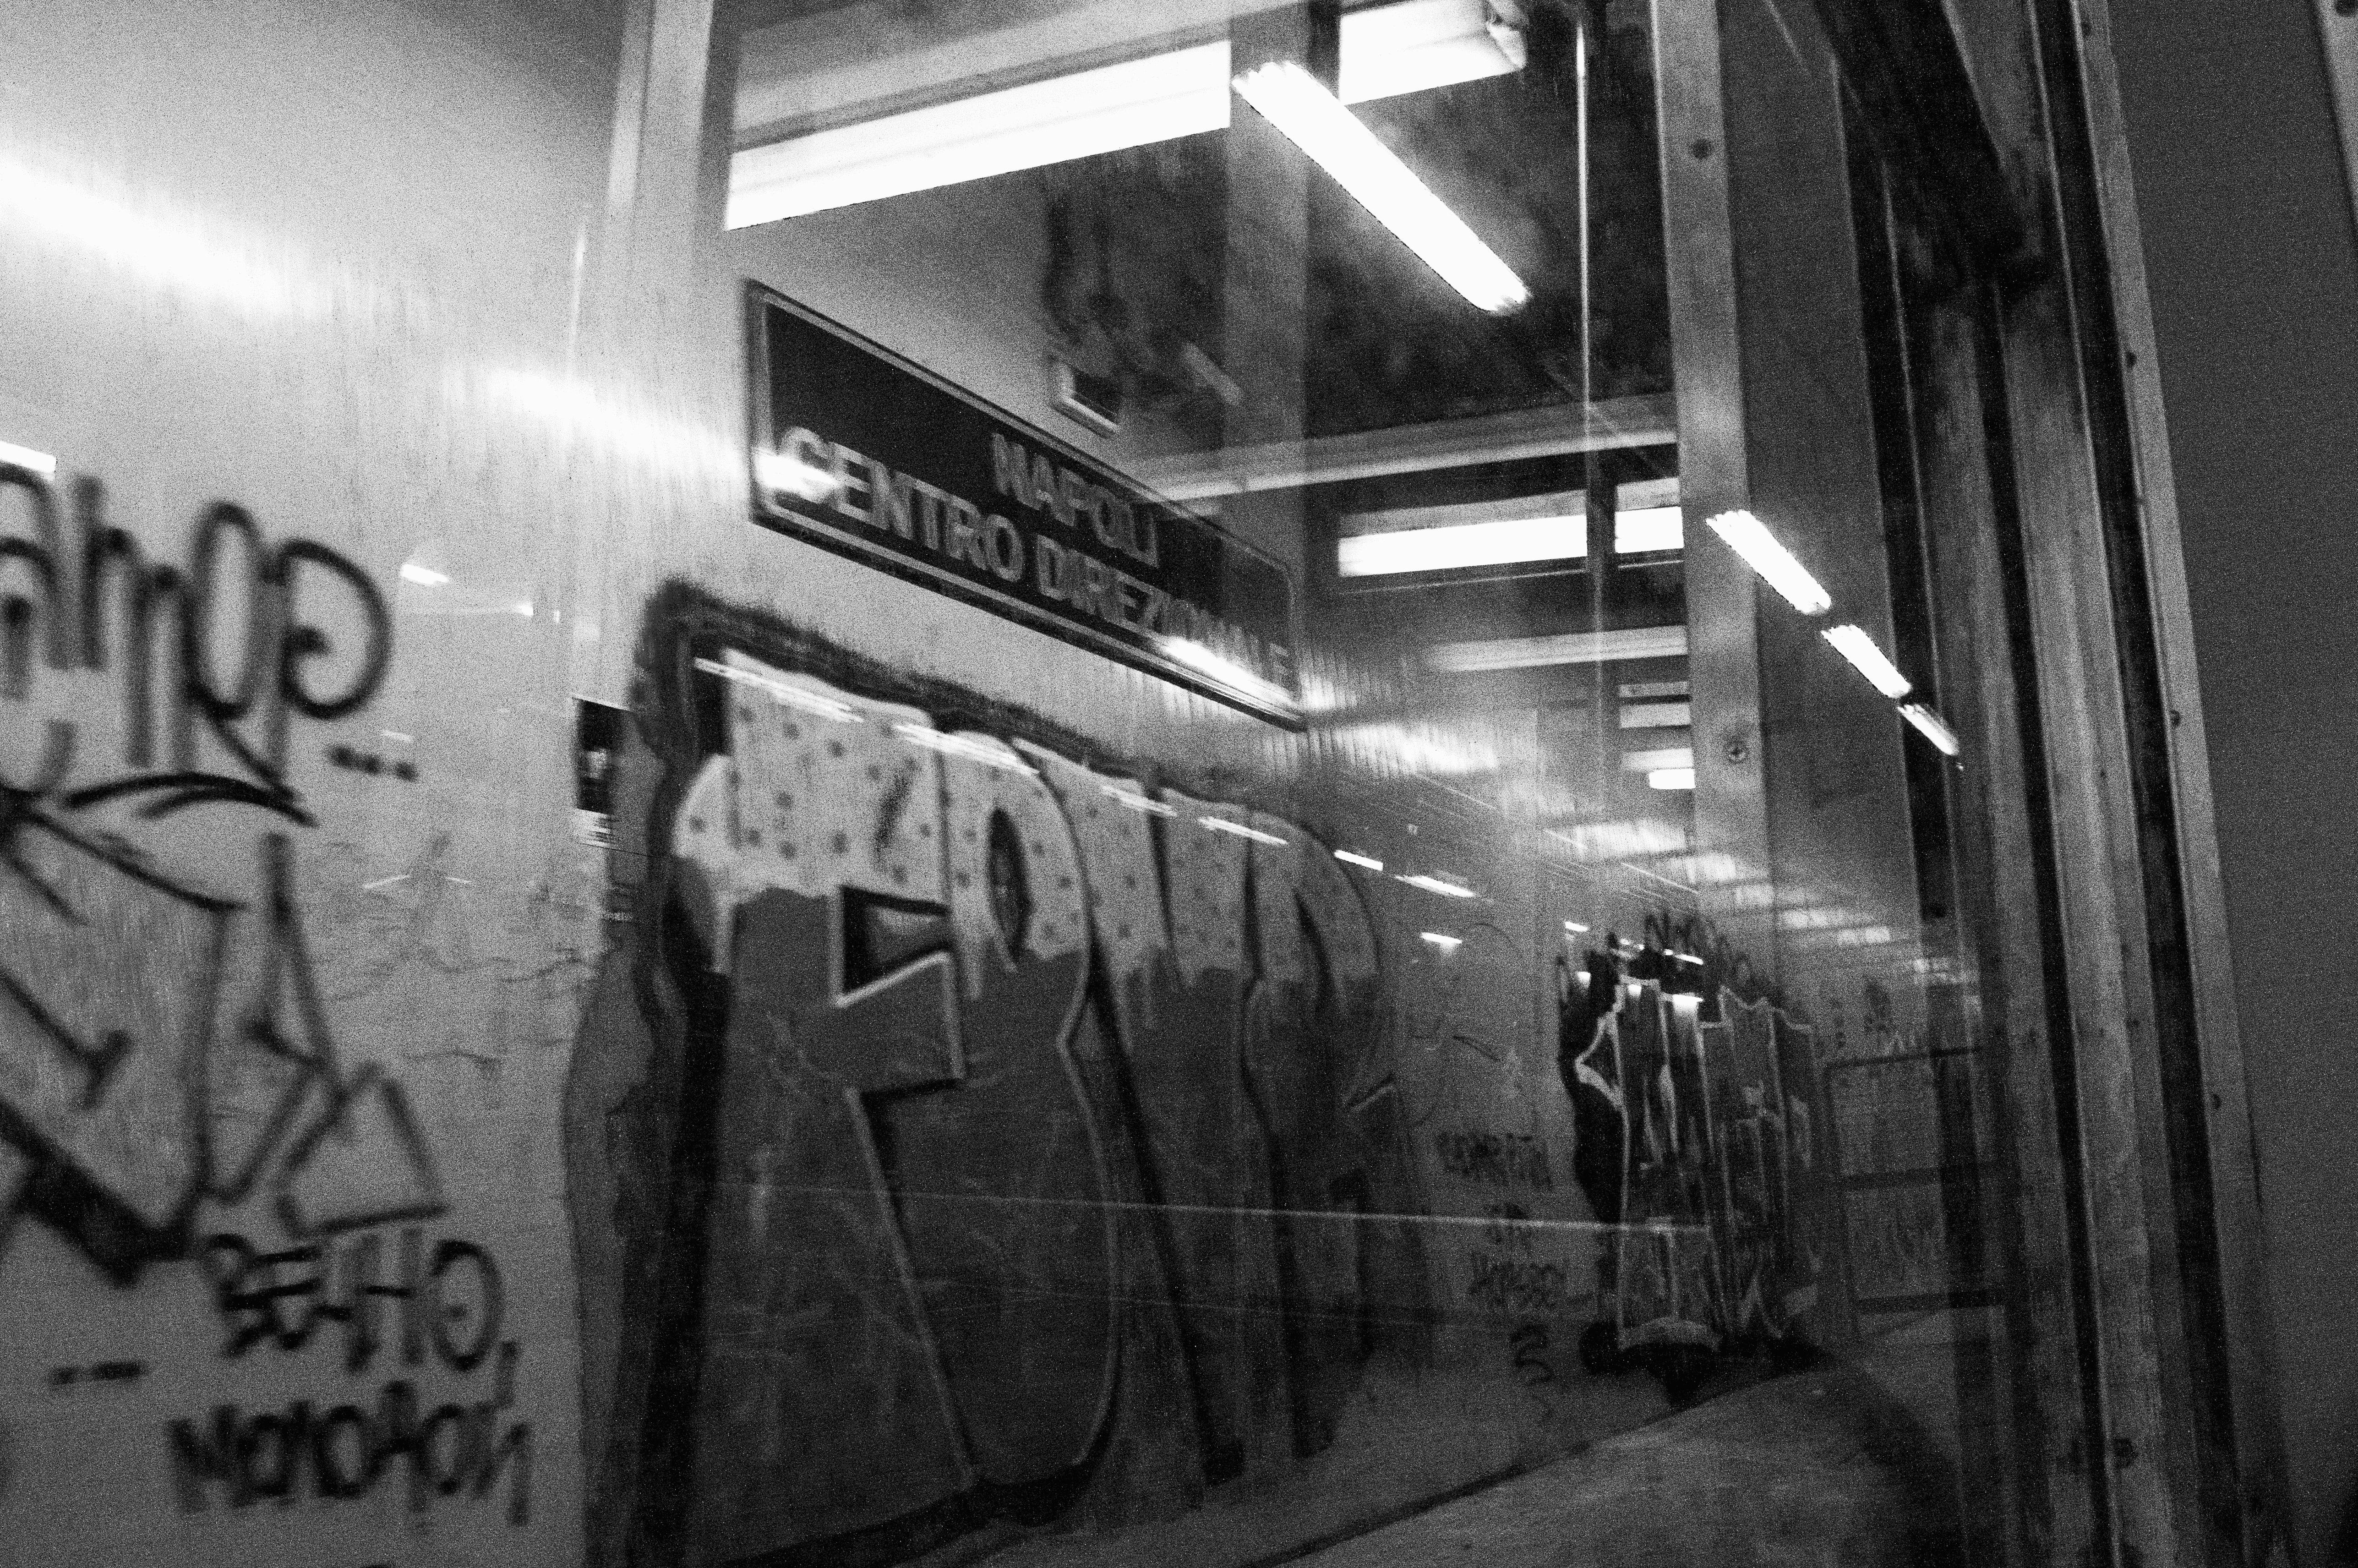 Stazione del centro direzionale della circumvesuviana